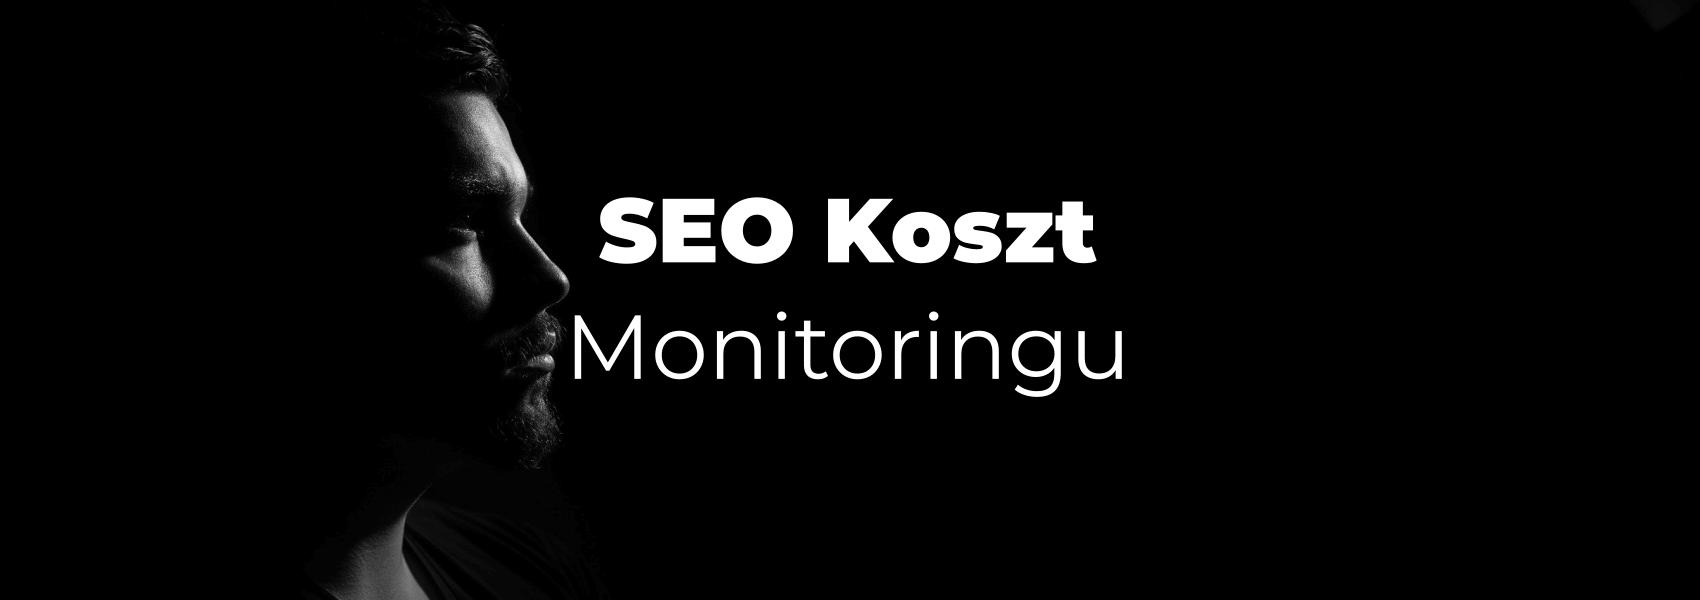 SEO-Koszt-Monitoringu